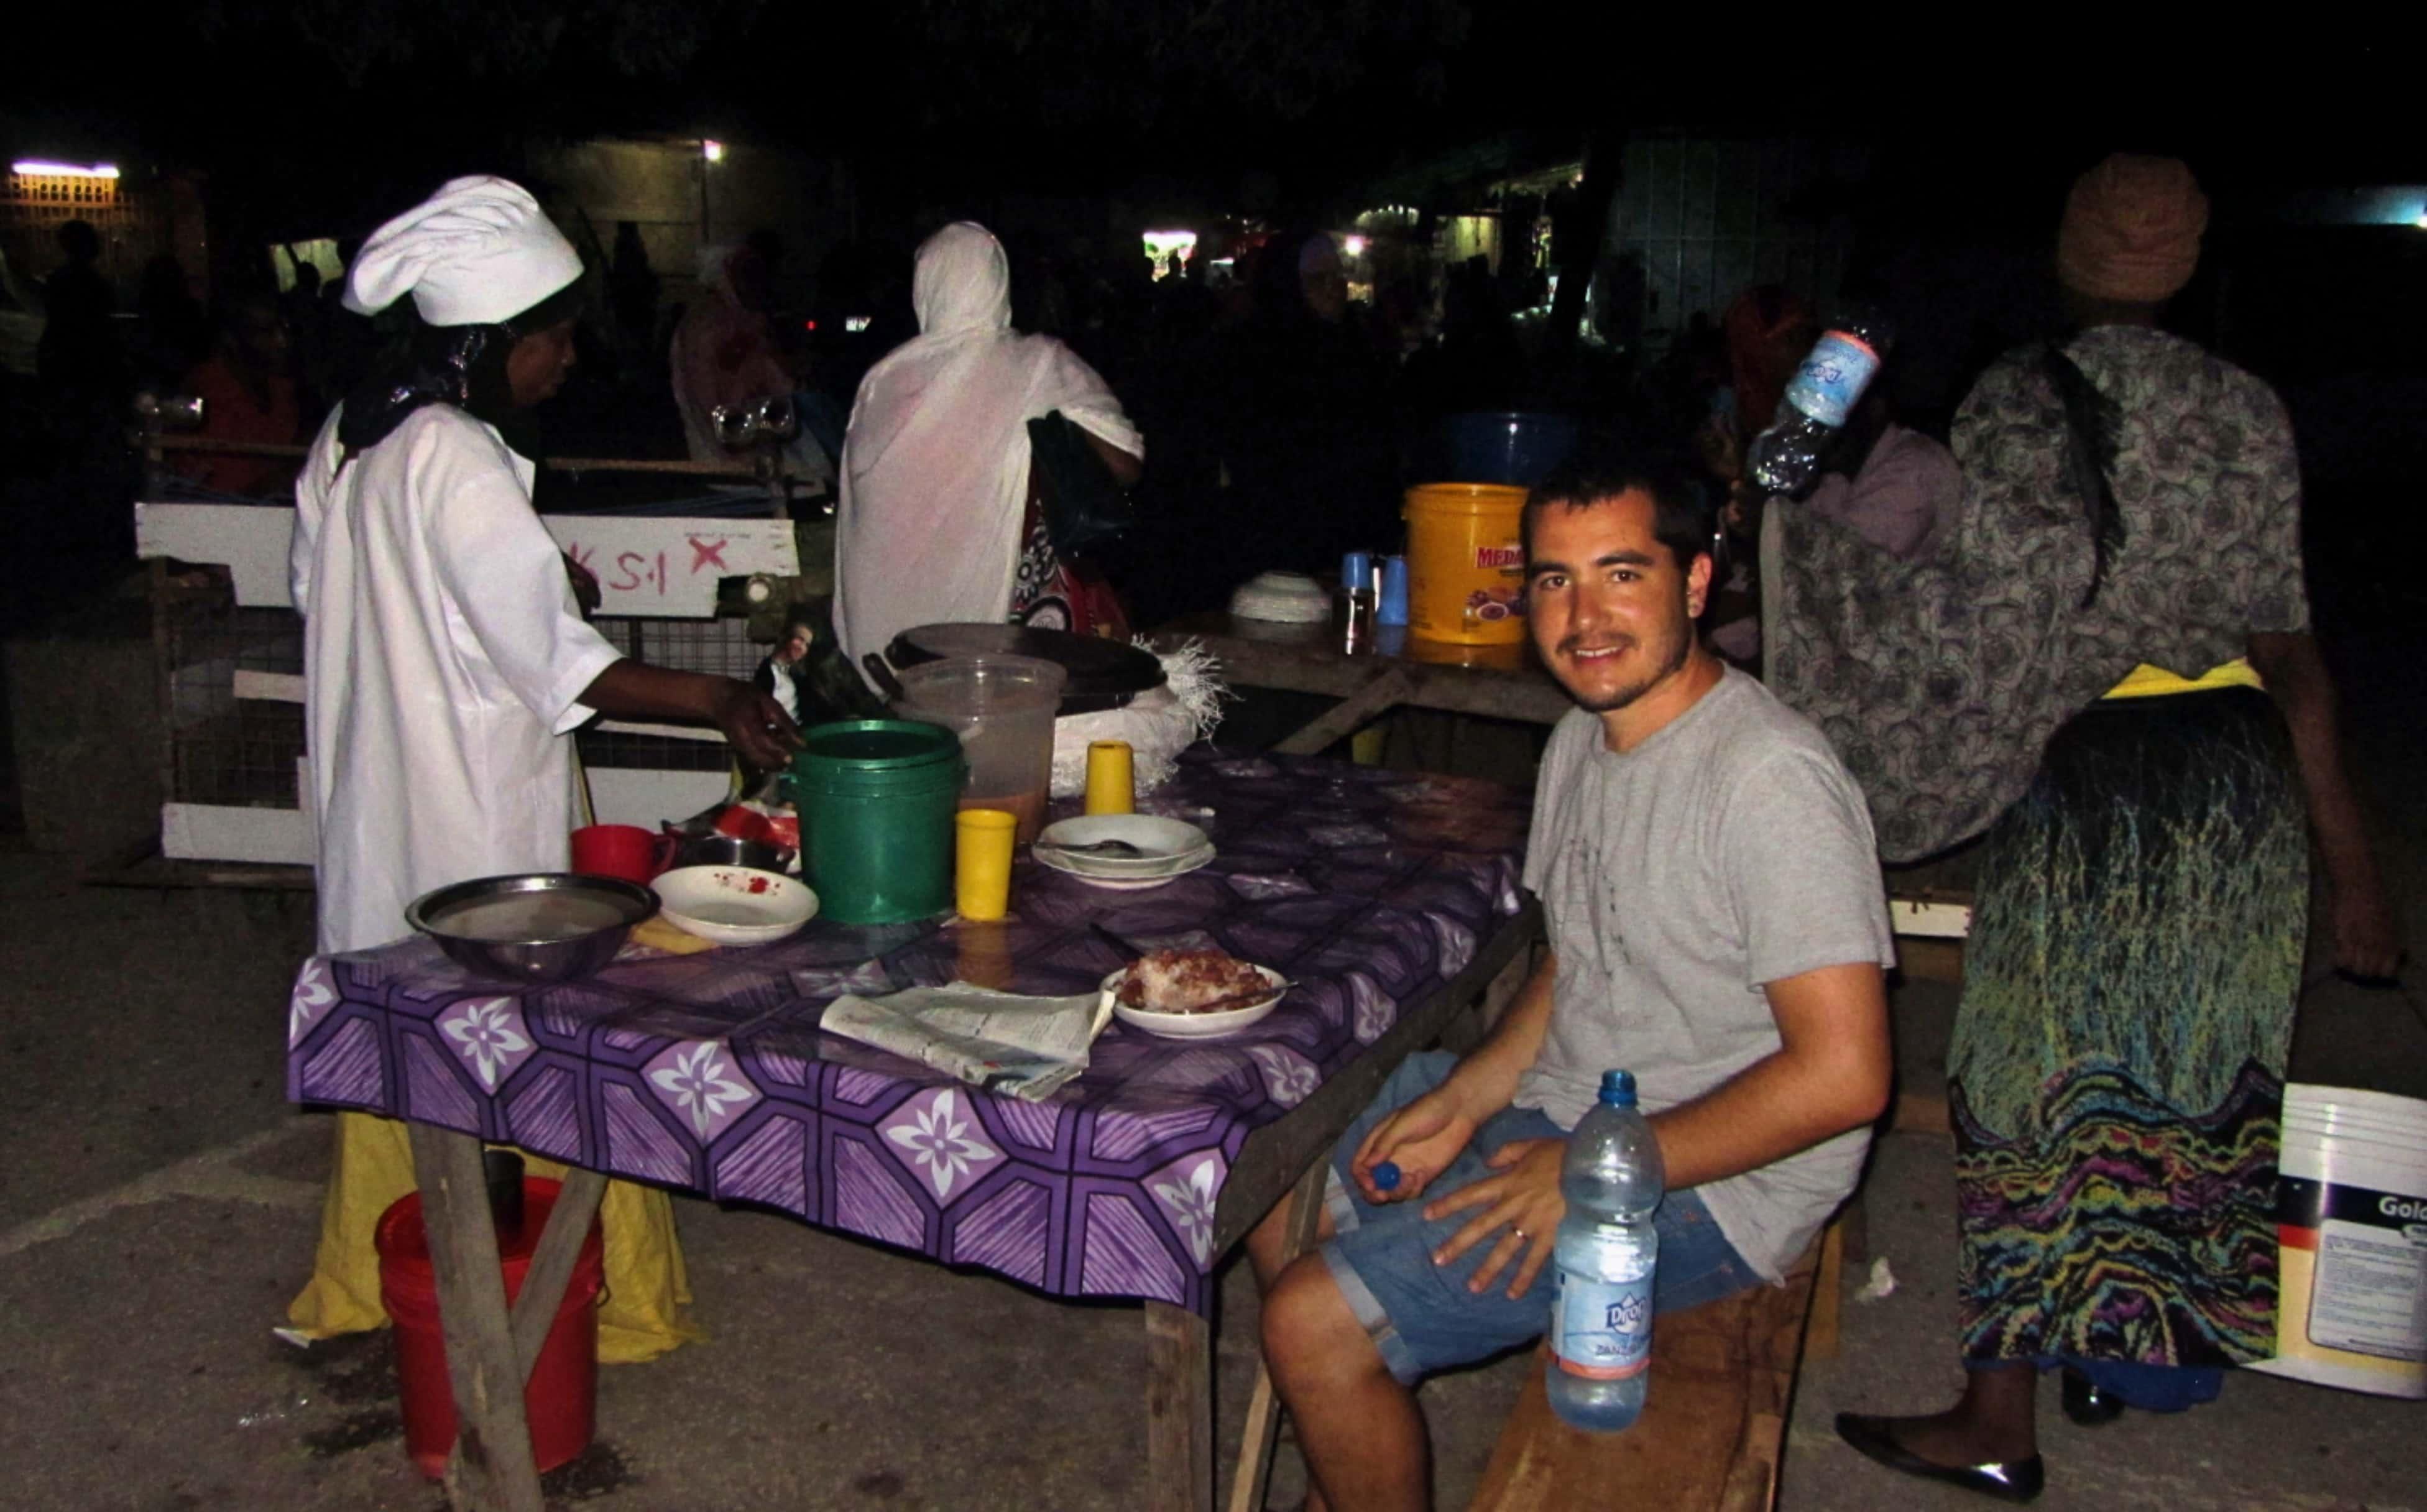 שולחן אוכל בשוק המקומי של זנזיבר למטייל העצמאי